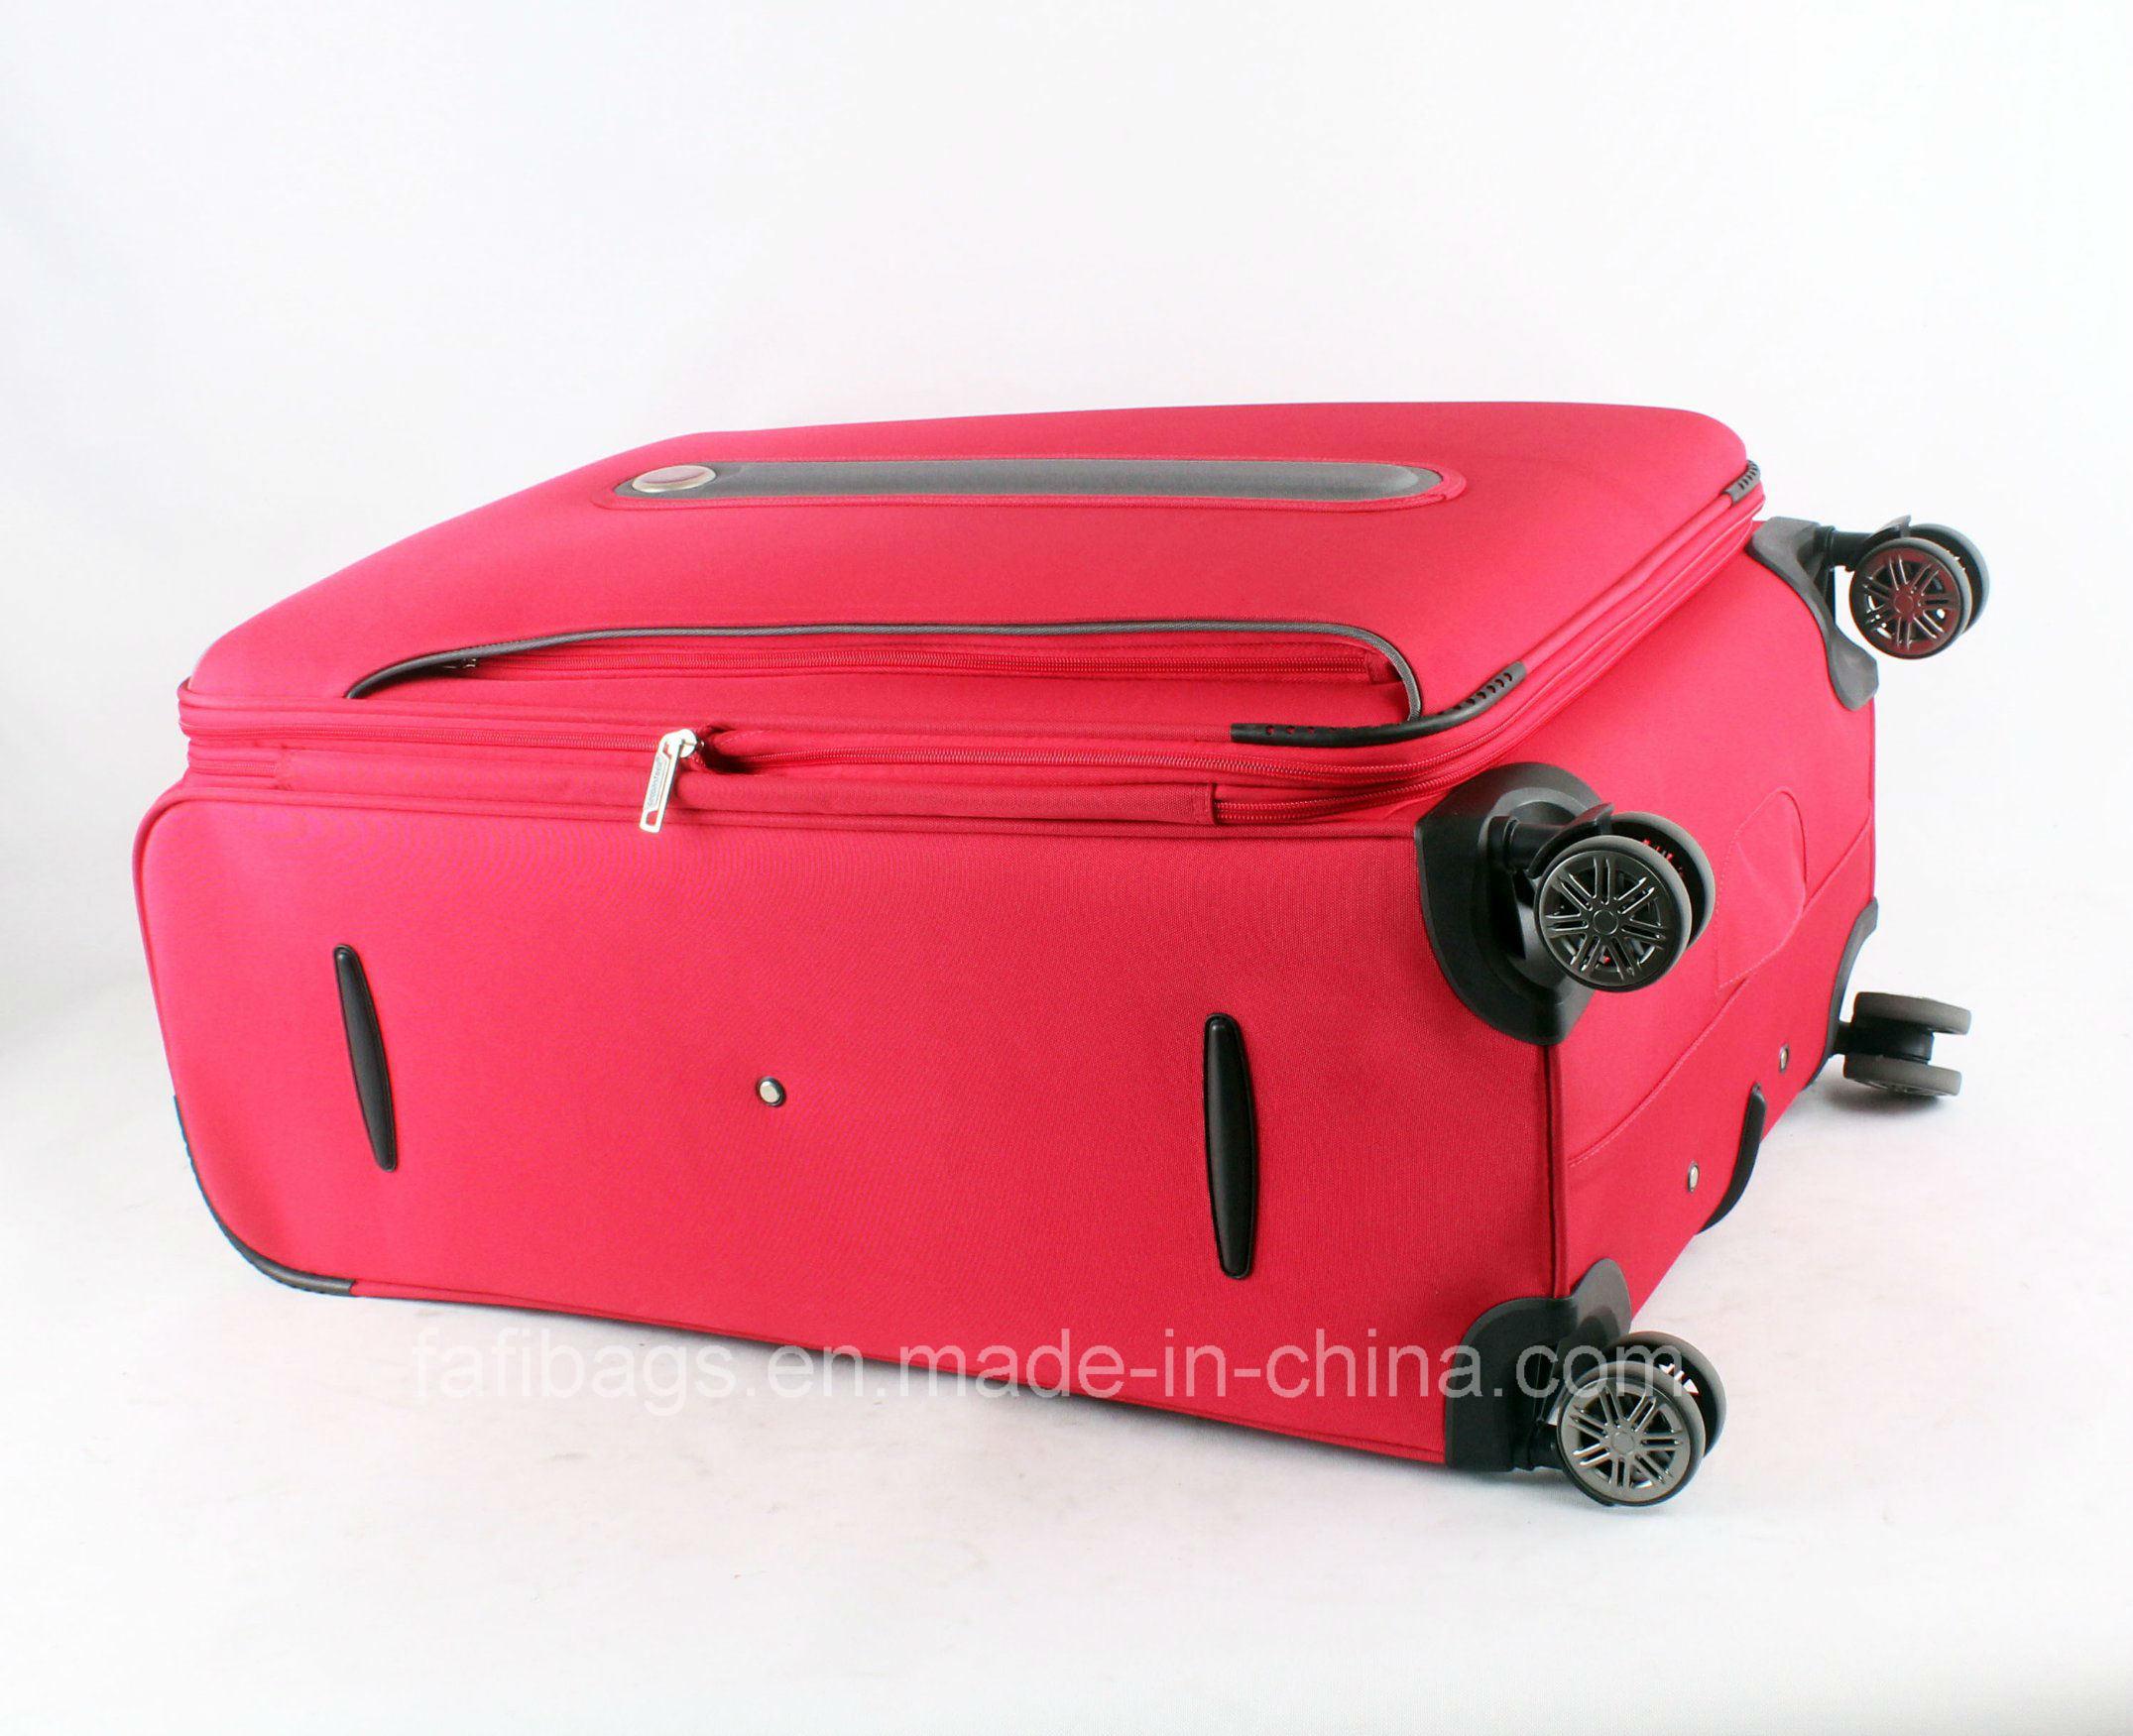 High Quality Luggage Sets Travel Style Luggage Bag Set